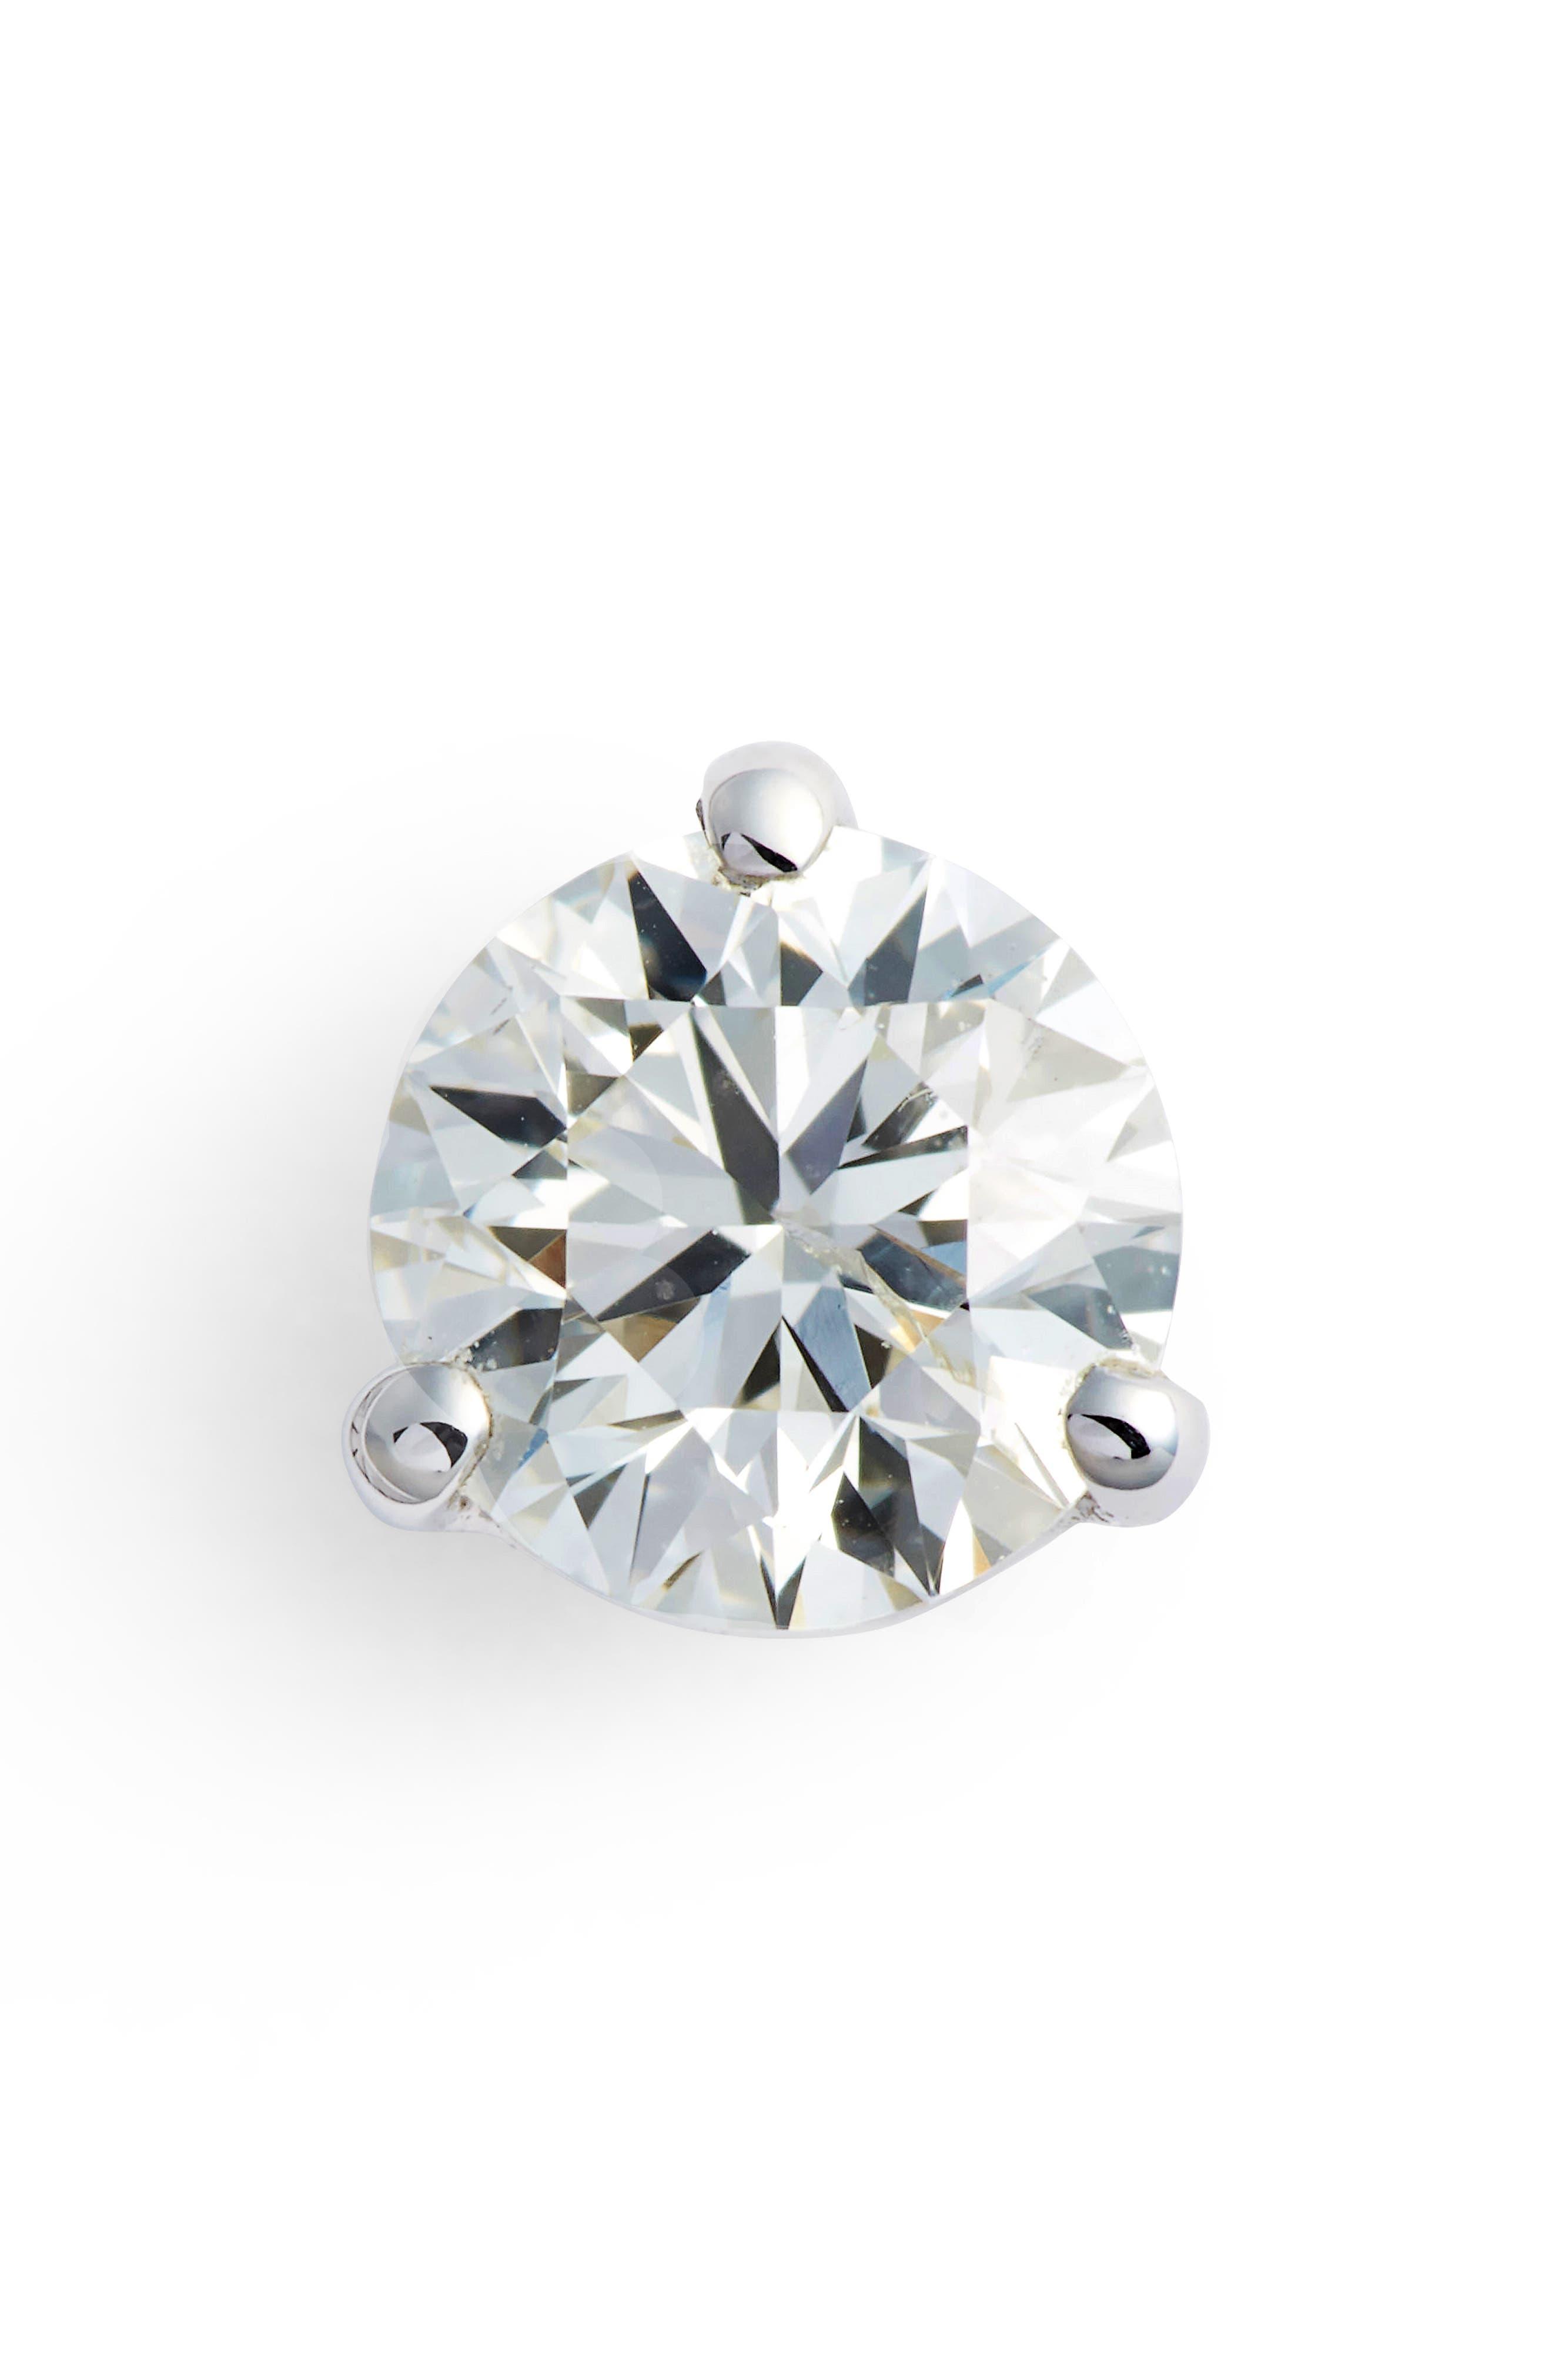 Single Diamond Stud Earring,                             Main thumbnail 1, color,                             WHITE GOLD